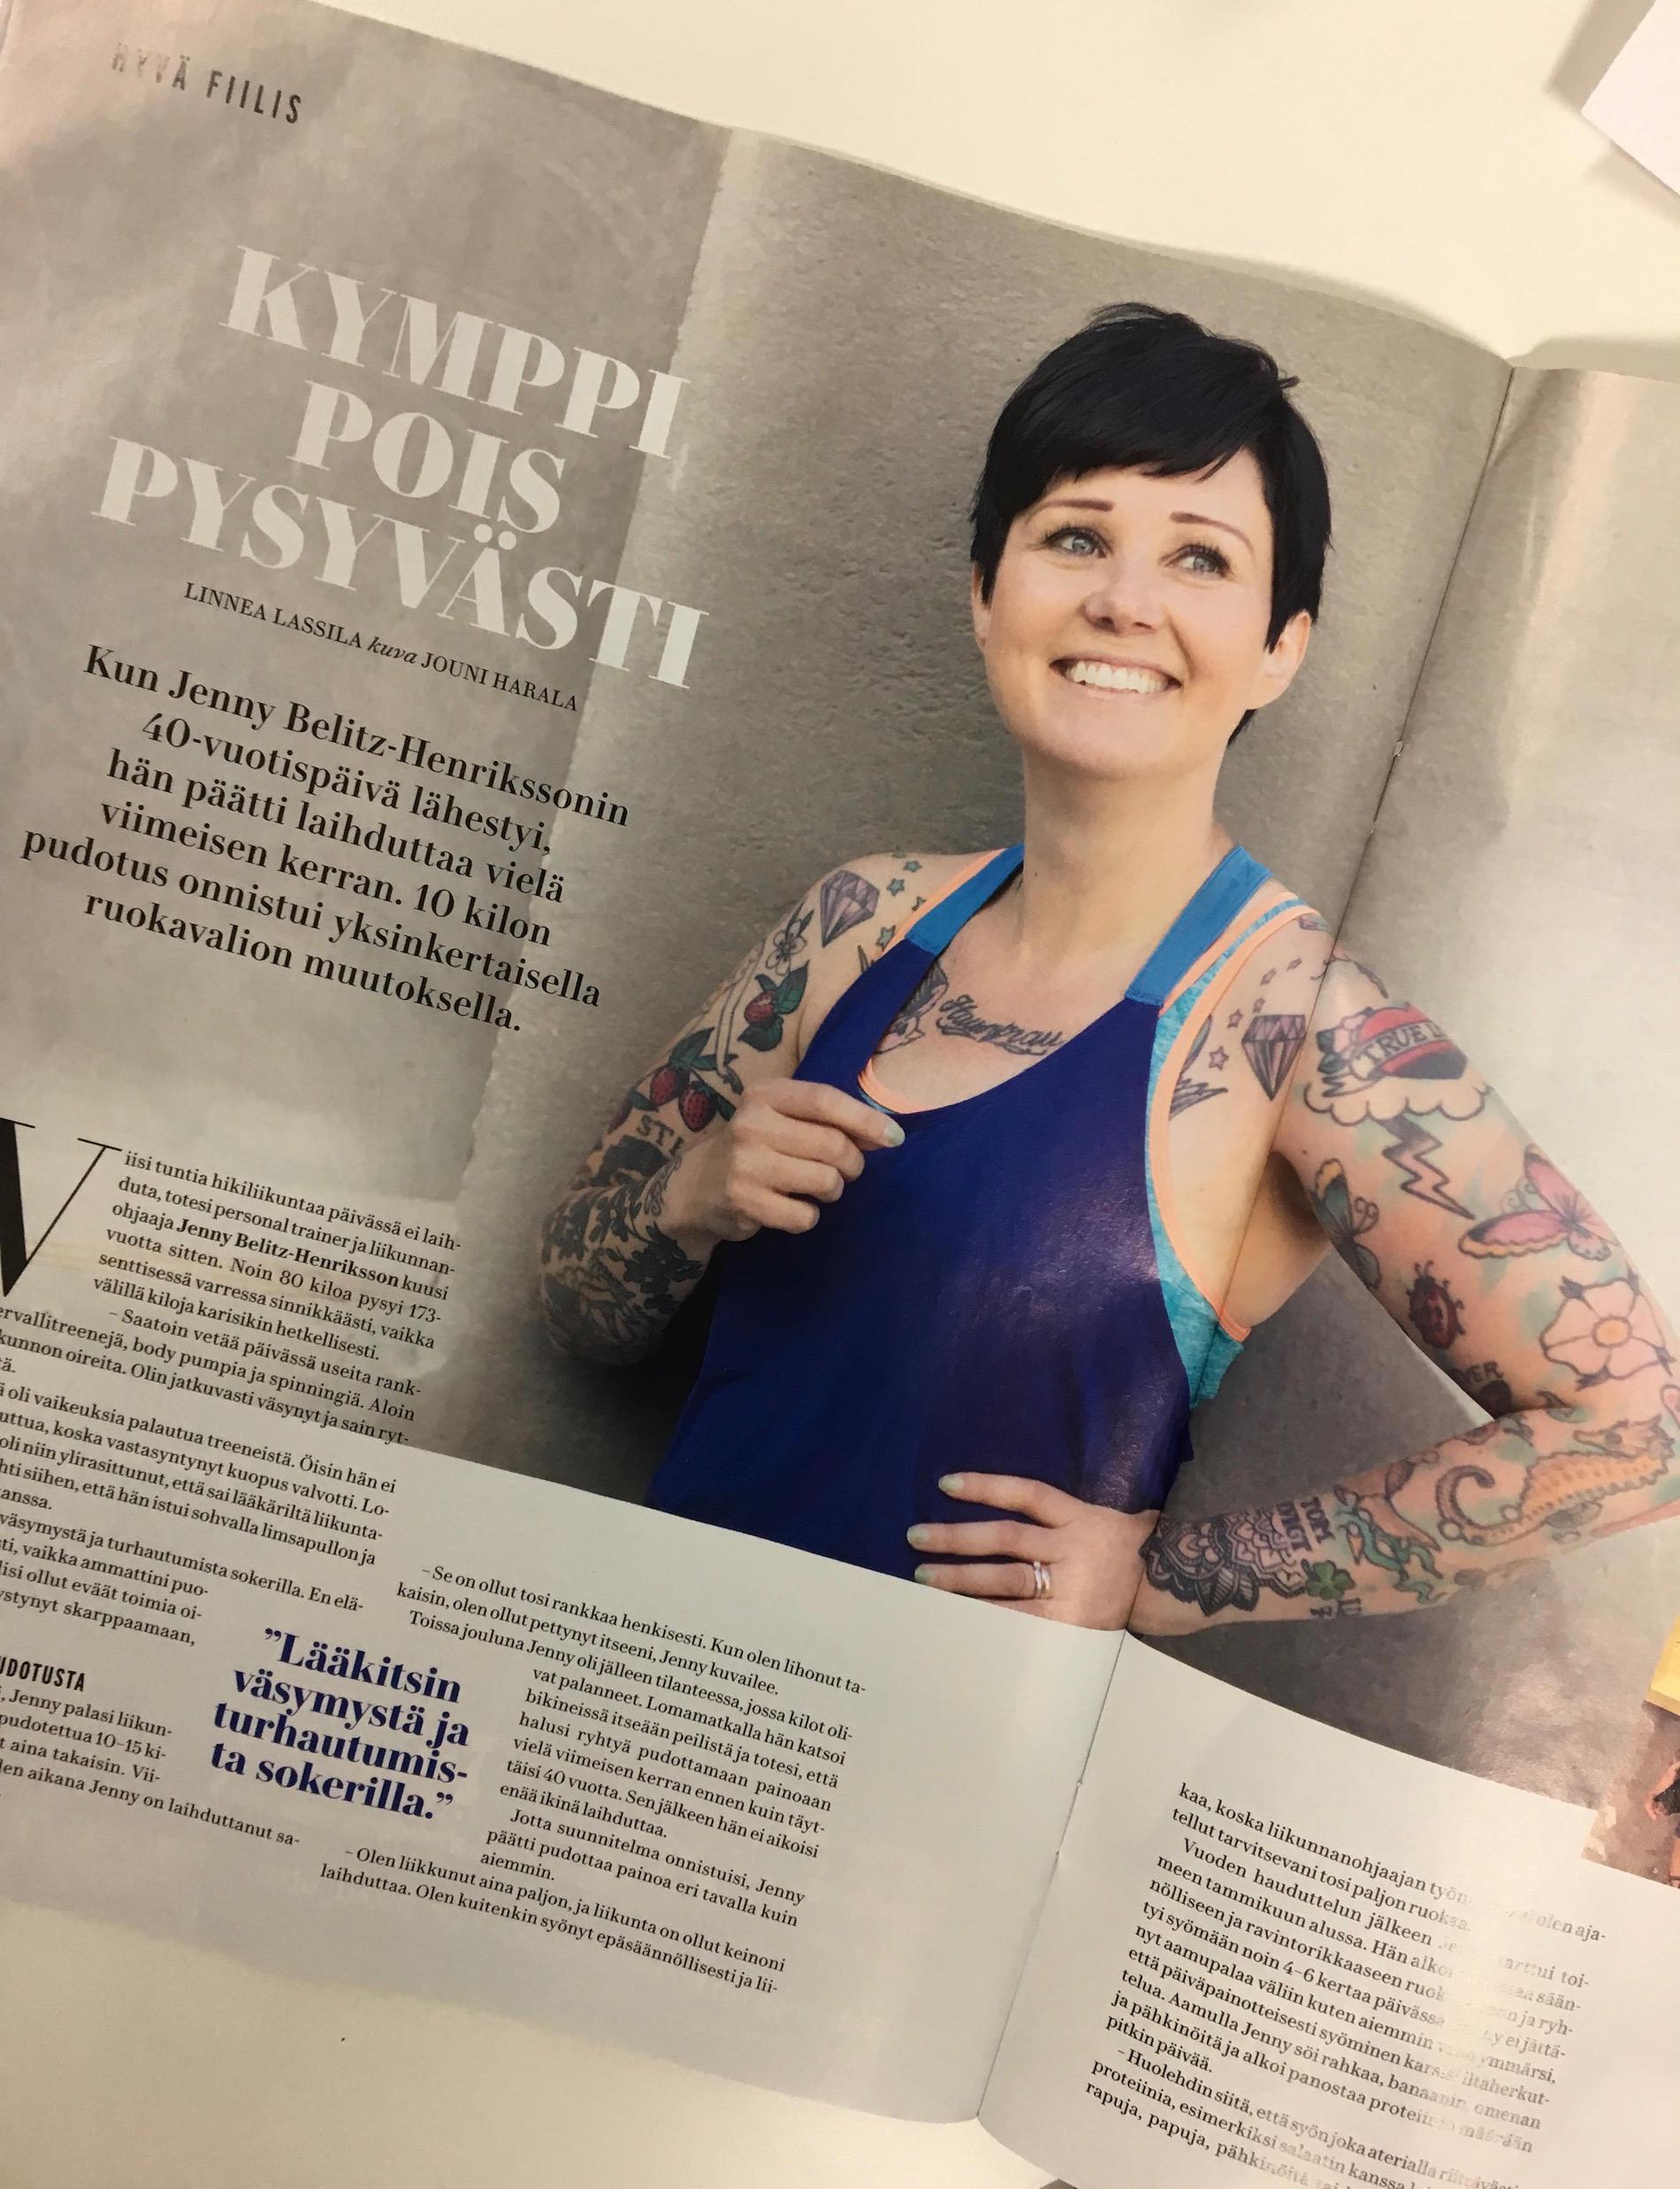 Kymppi pois pysyvästi – juttuni uudessa Me Naiset -lehdessä